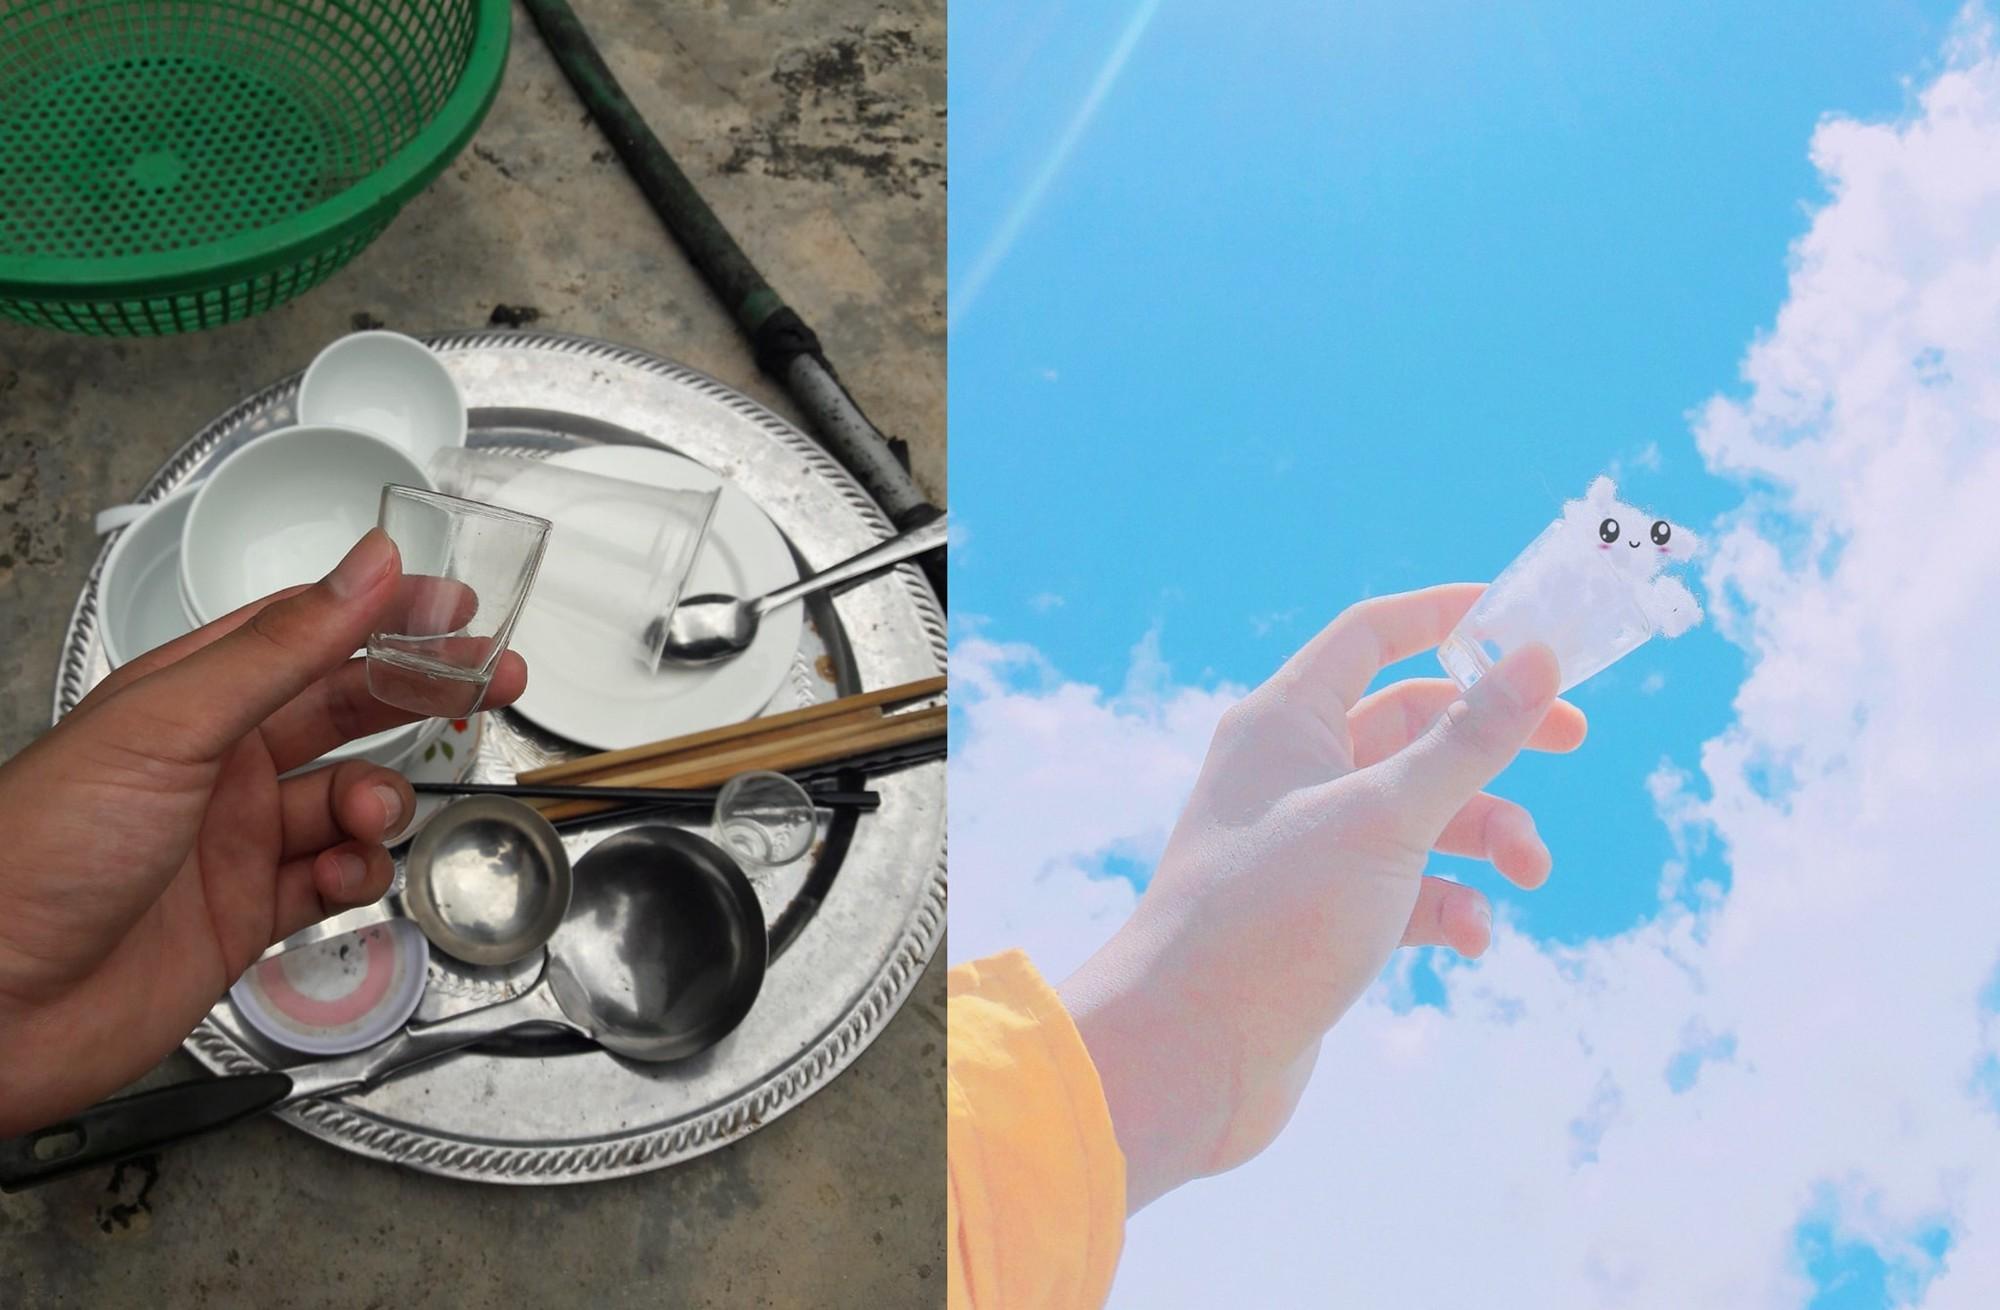 Bị mẹ bắt đi rửa bát, thanh niên cao hứng sáng tạo luôn một bộ ảnh siêu đáng yêu với mây trời 3